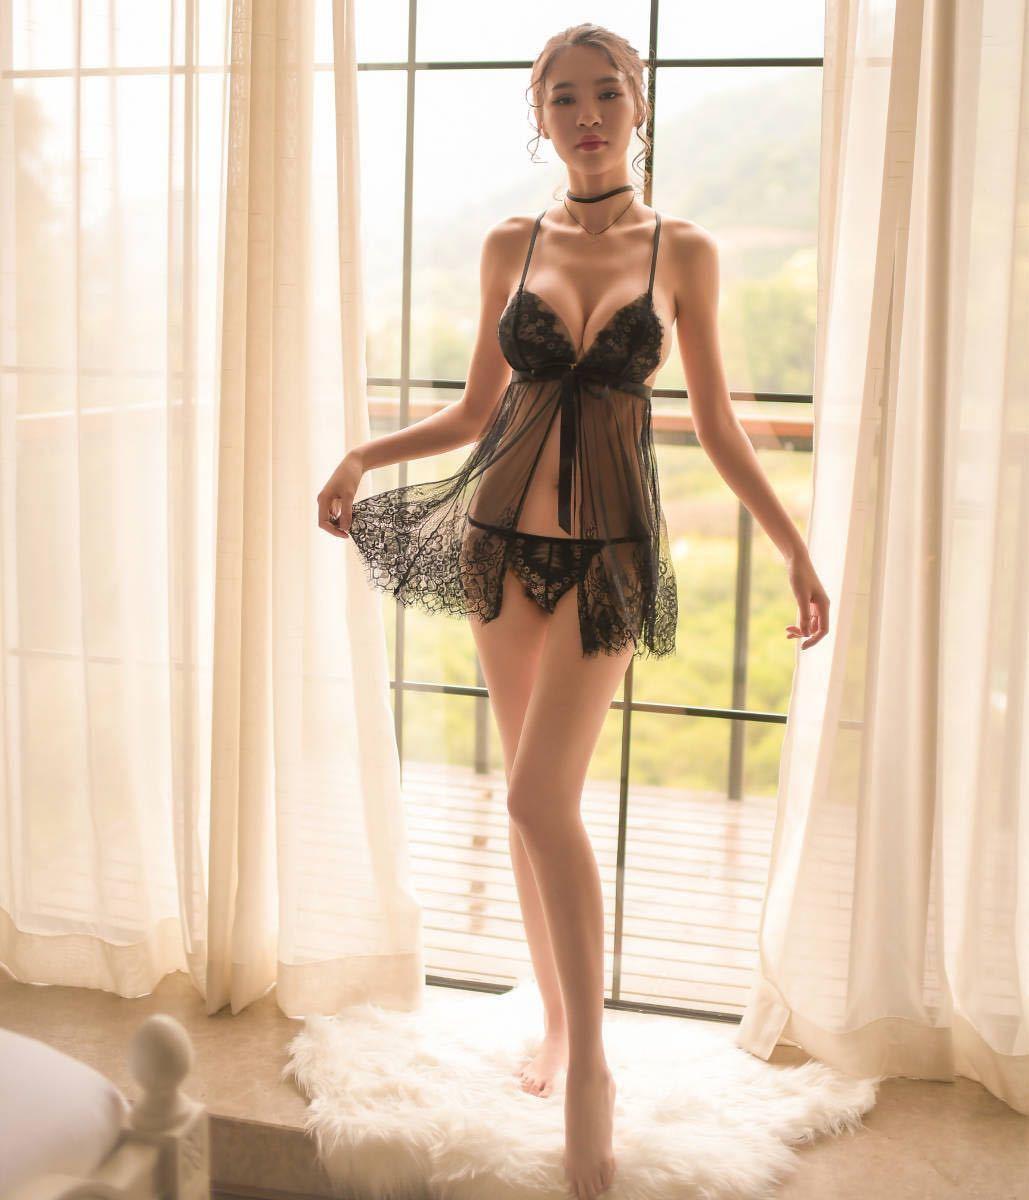 W188黒L セクシーランジェリーセット 大きいサイズ ベビードール 女性下着 コスプレ衣装 勝負下着 コスプレインナー パジャマ 部屋着_画像3